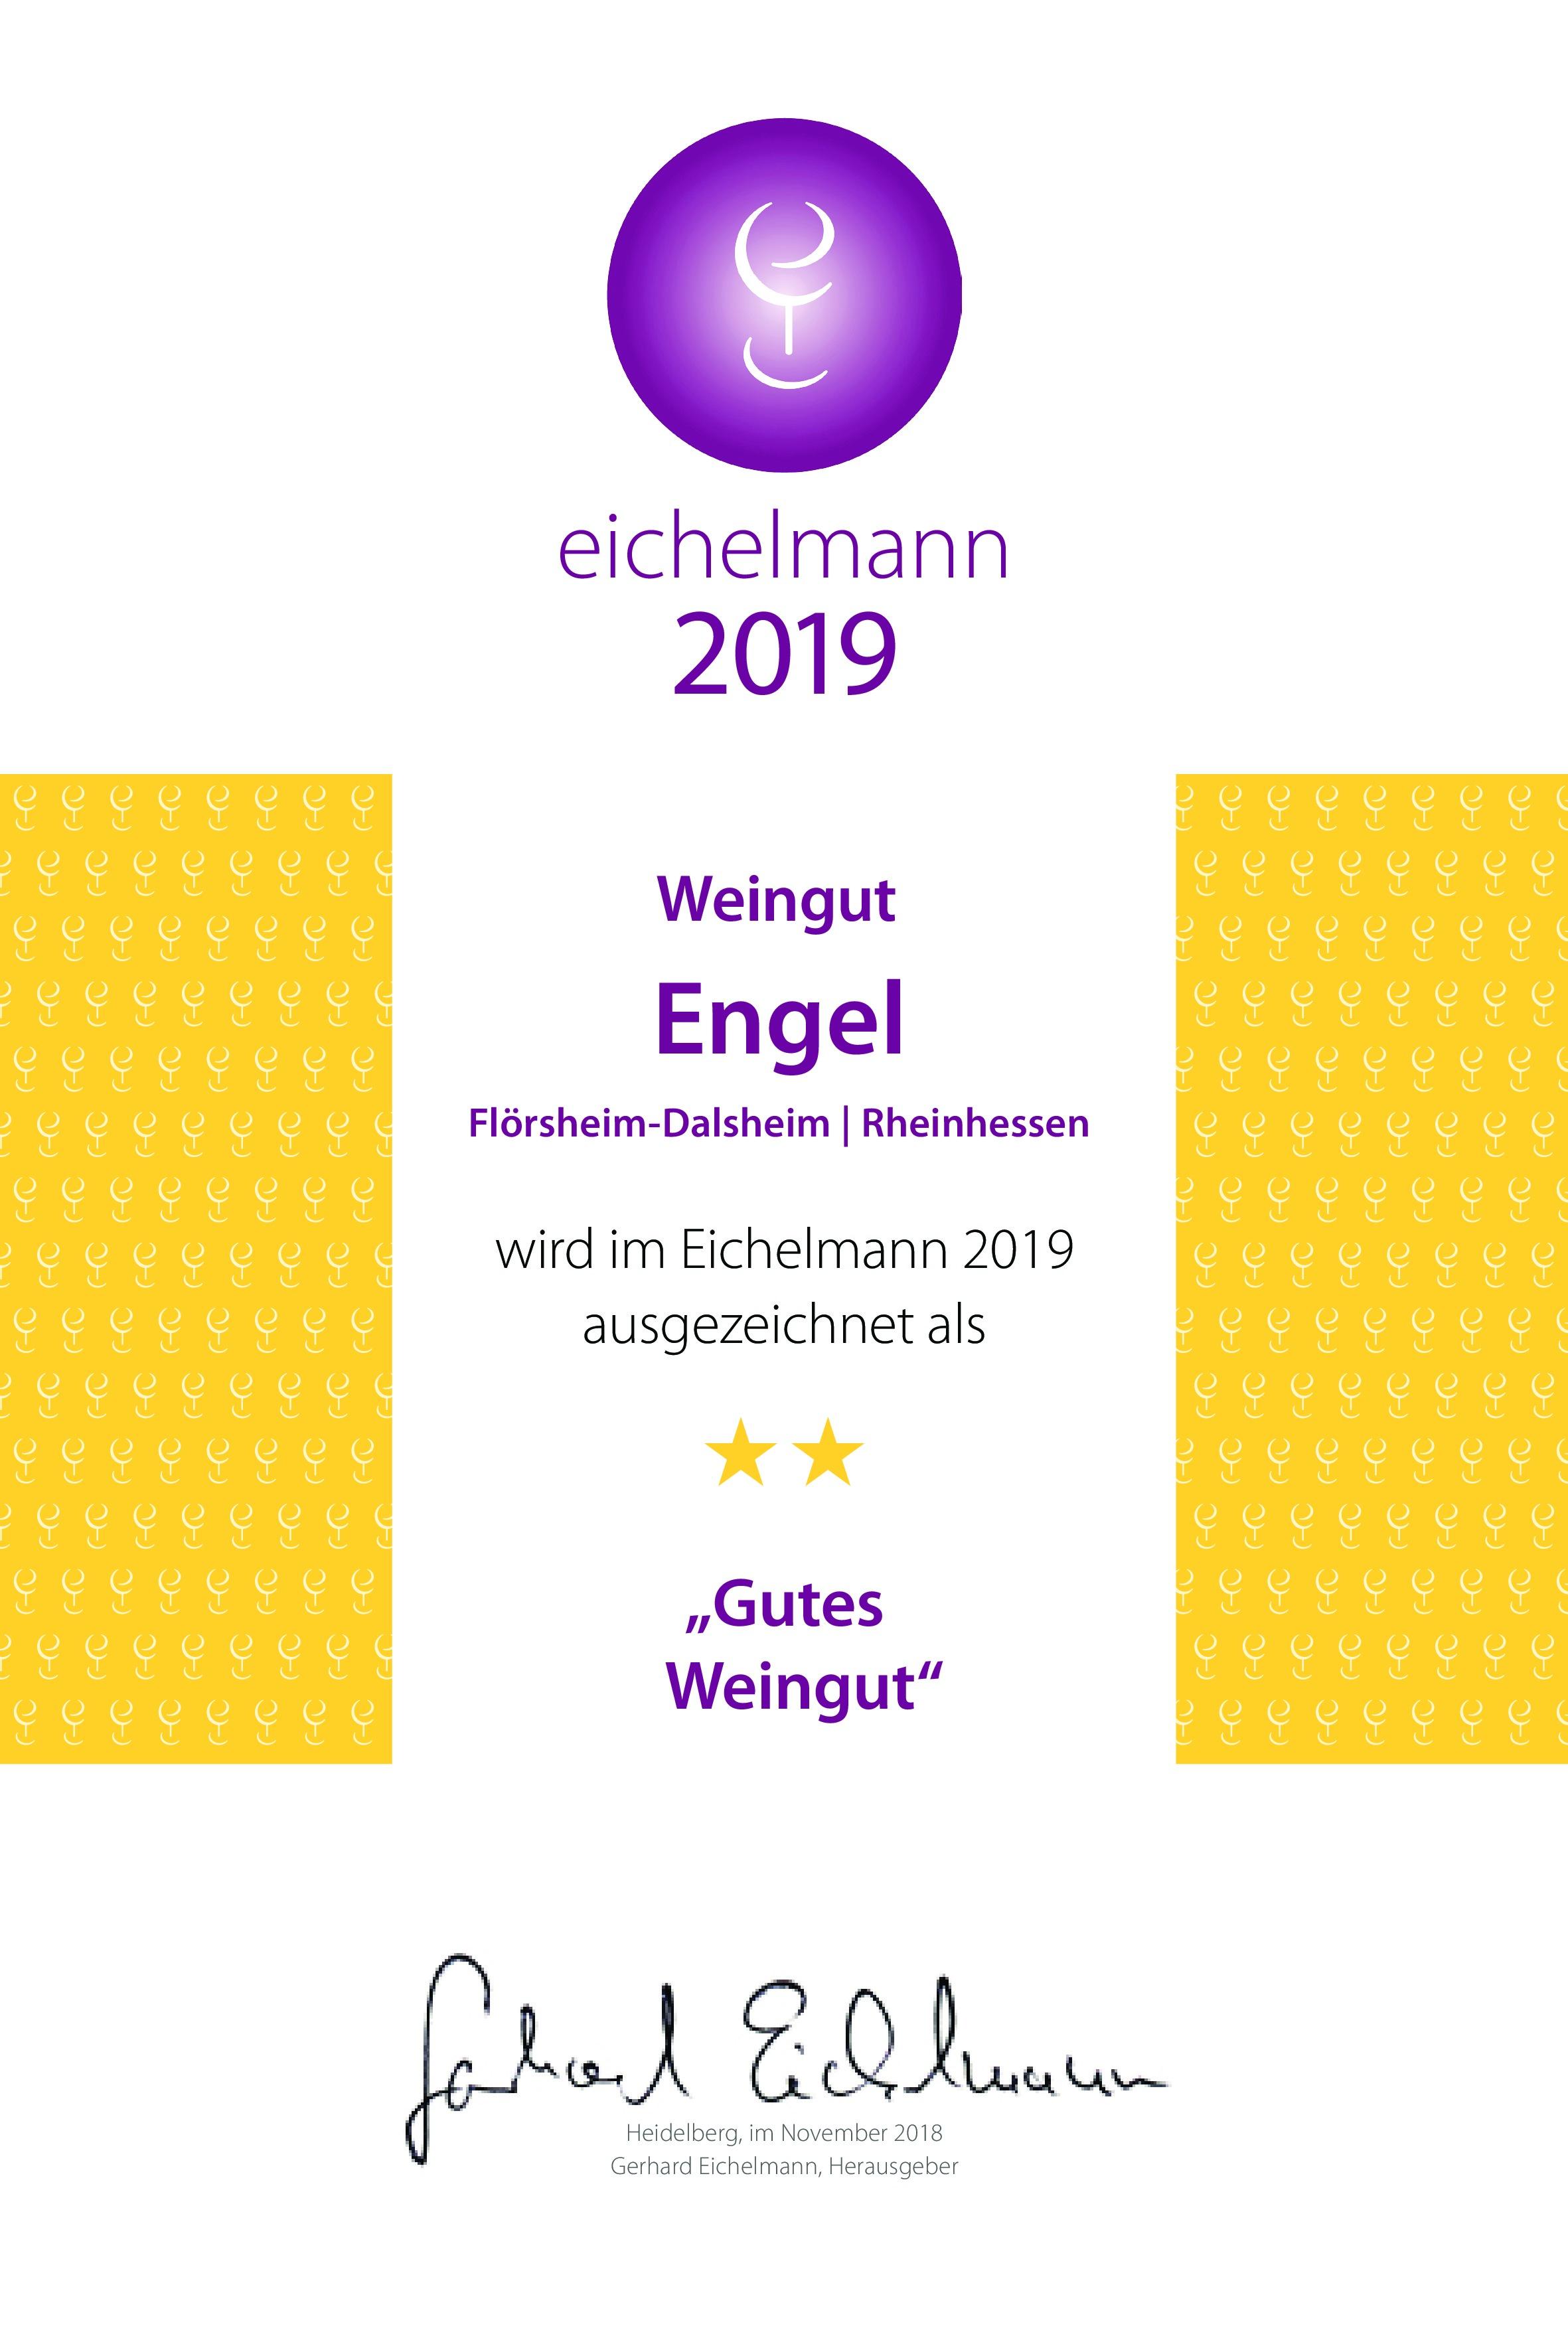 Erstmals ausgezeichnet bei Eichelmann 2019 Deutschlands Weine